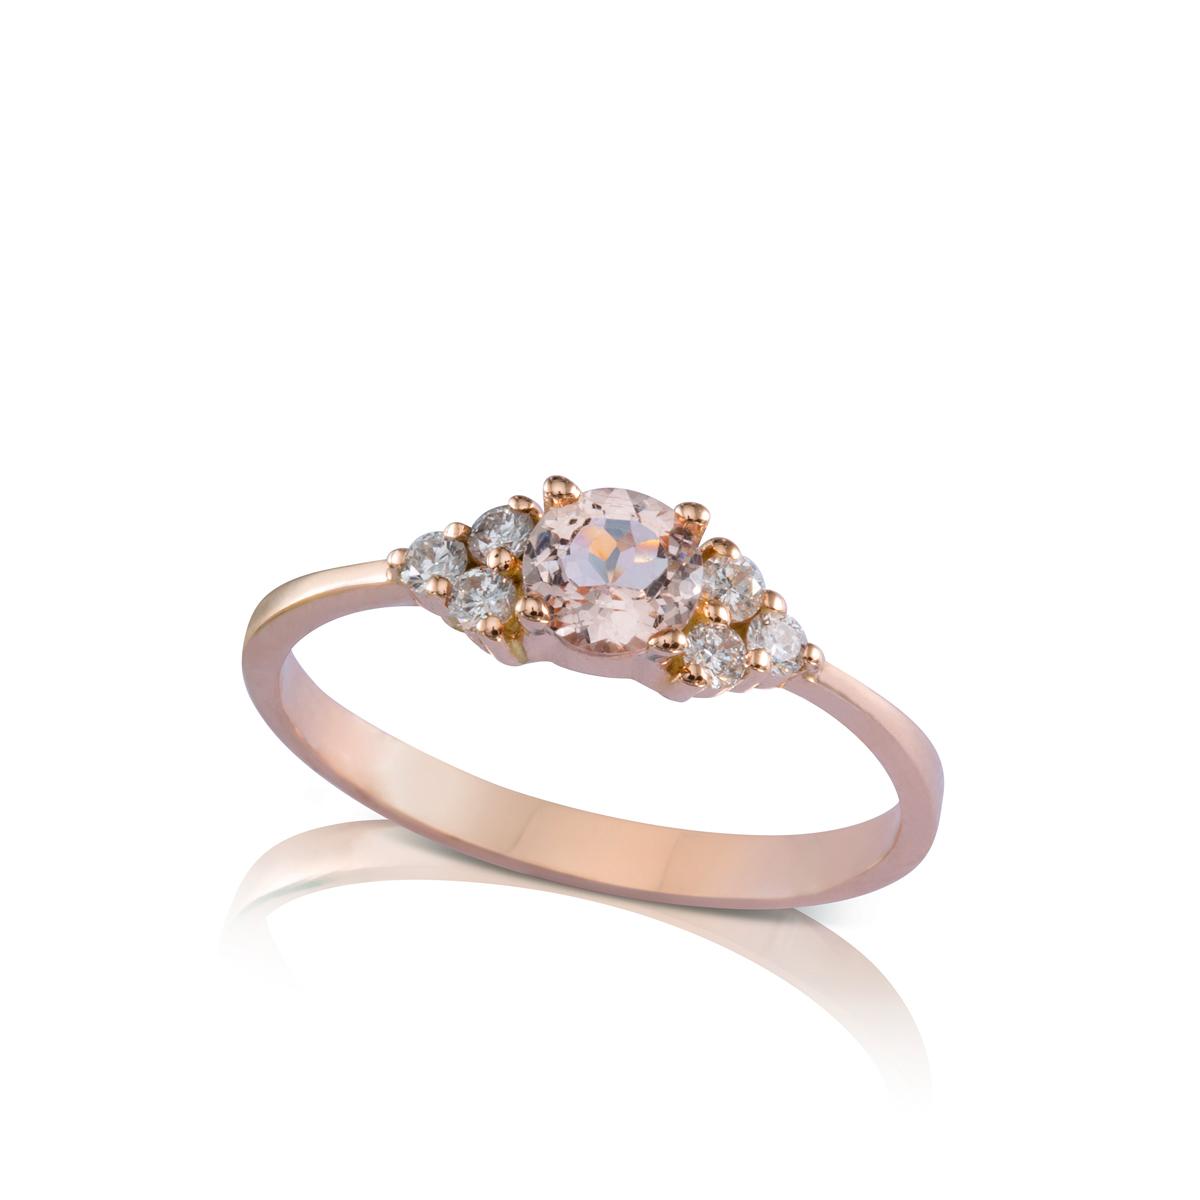 טבעת אירוסין משובצת מורגנייט ו-6 יהלומים צדדים